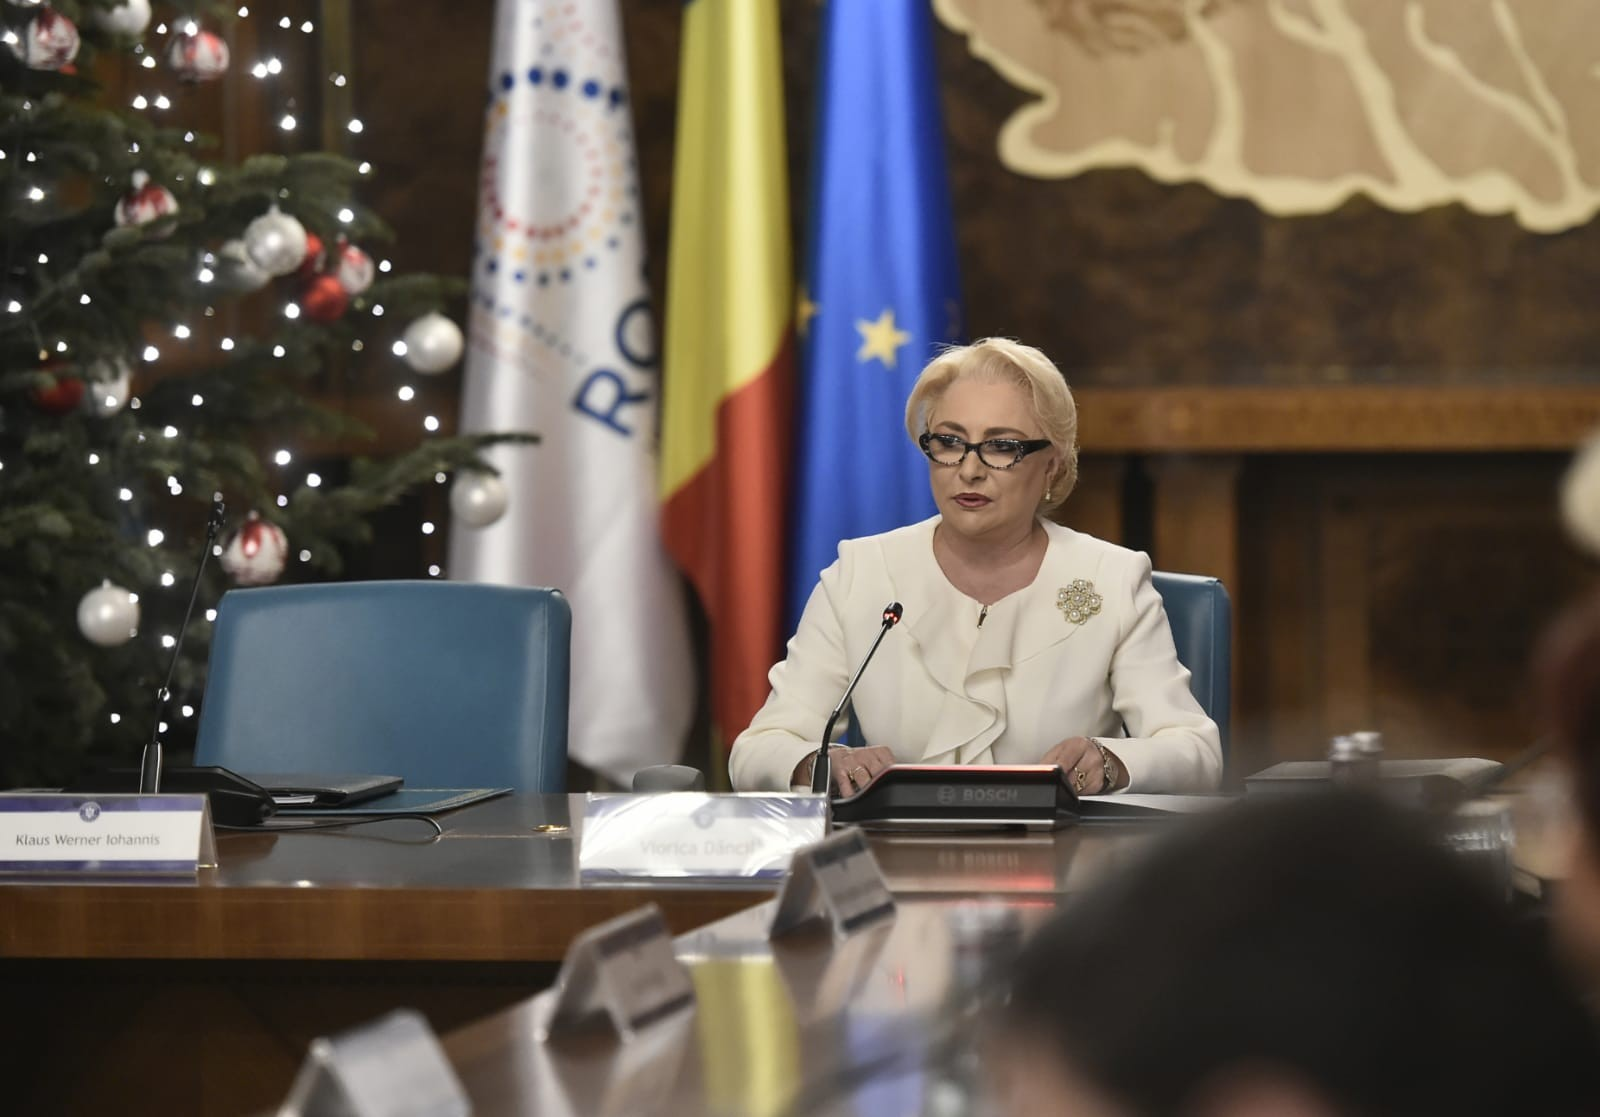 Η Ρουμανία «ψηφίζει» Σερβία για την Ε.Ε. – H Σερβία βάζει μπροστά την Ενεργειακή Ένωση